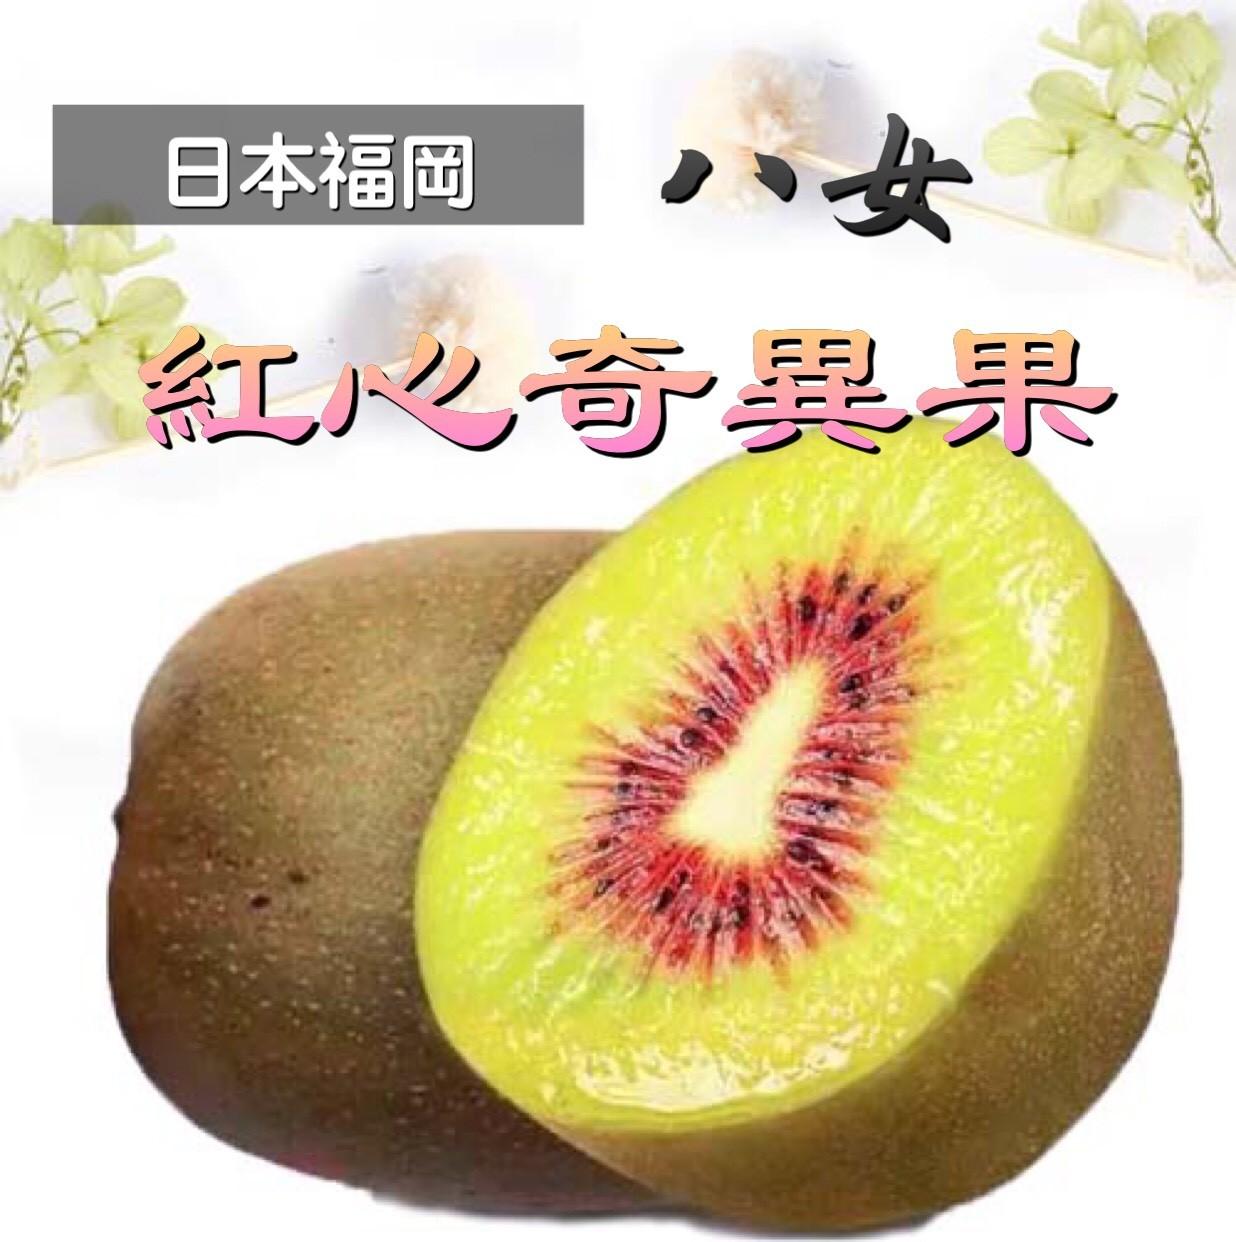 【立三】日本福岡八女 紅心奇異果(22~25顆/原裝箱)